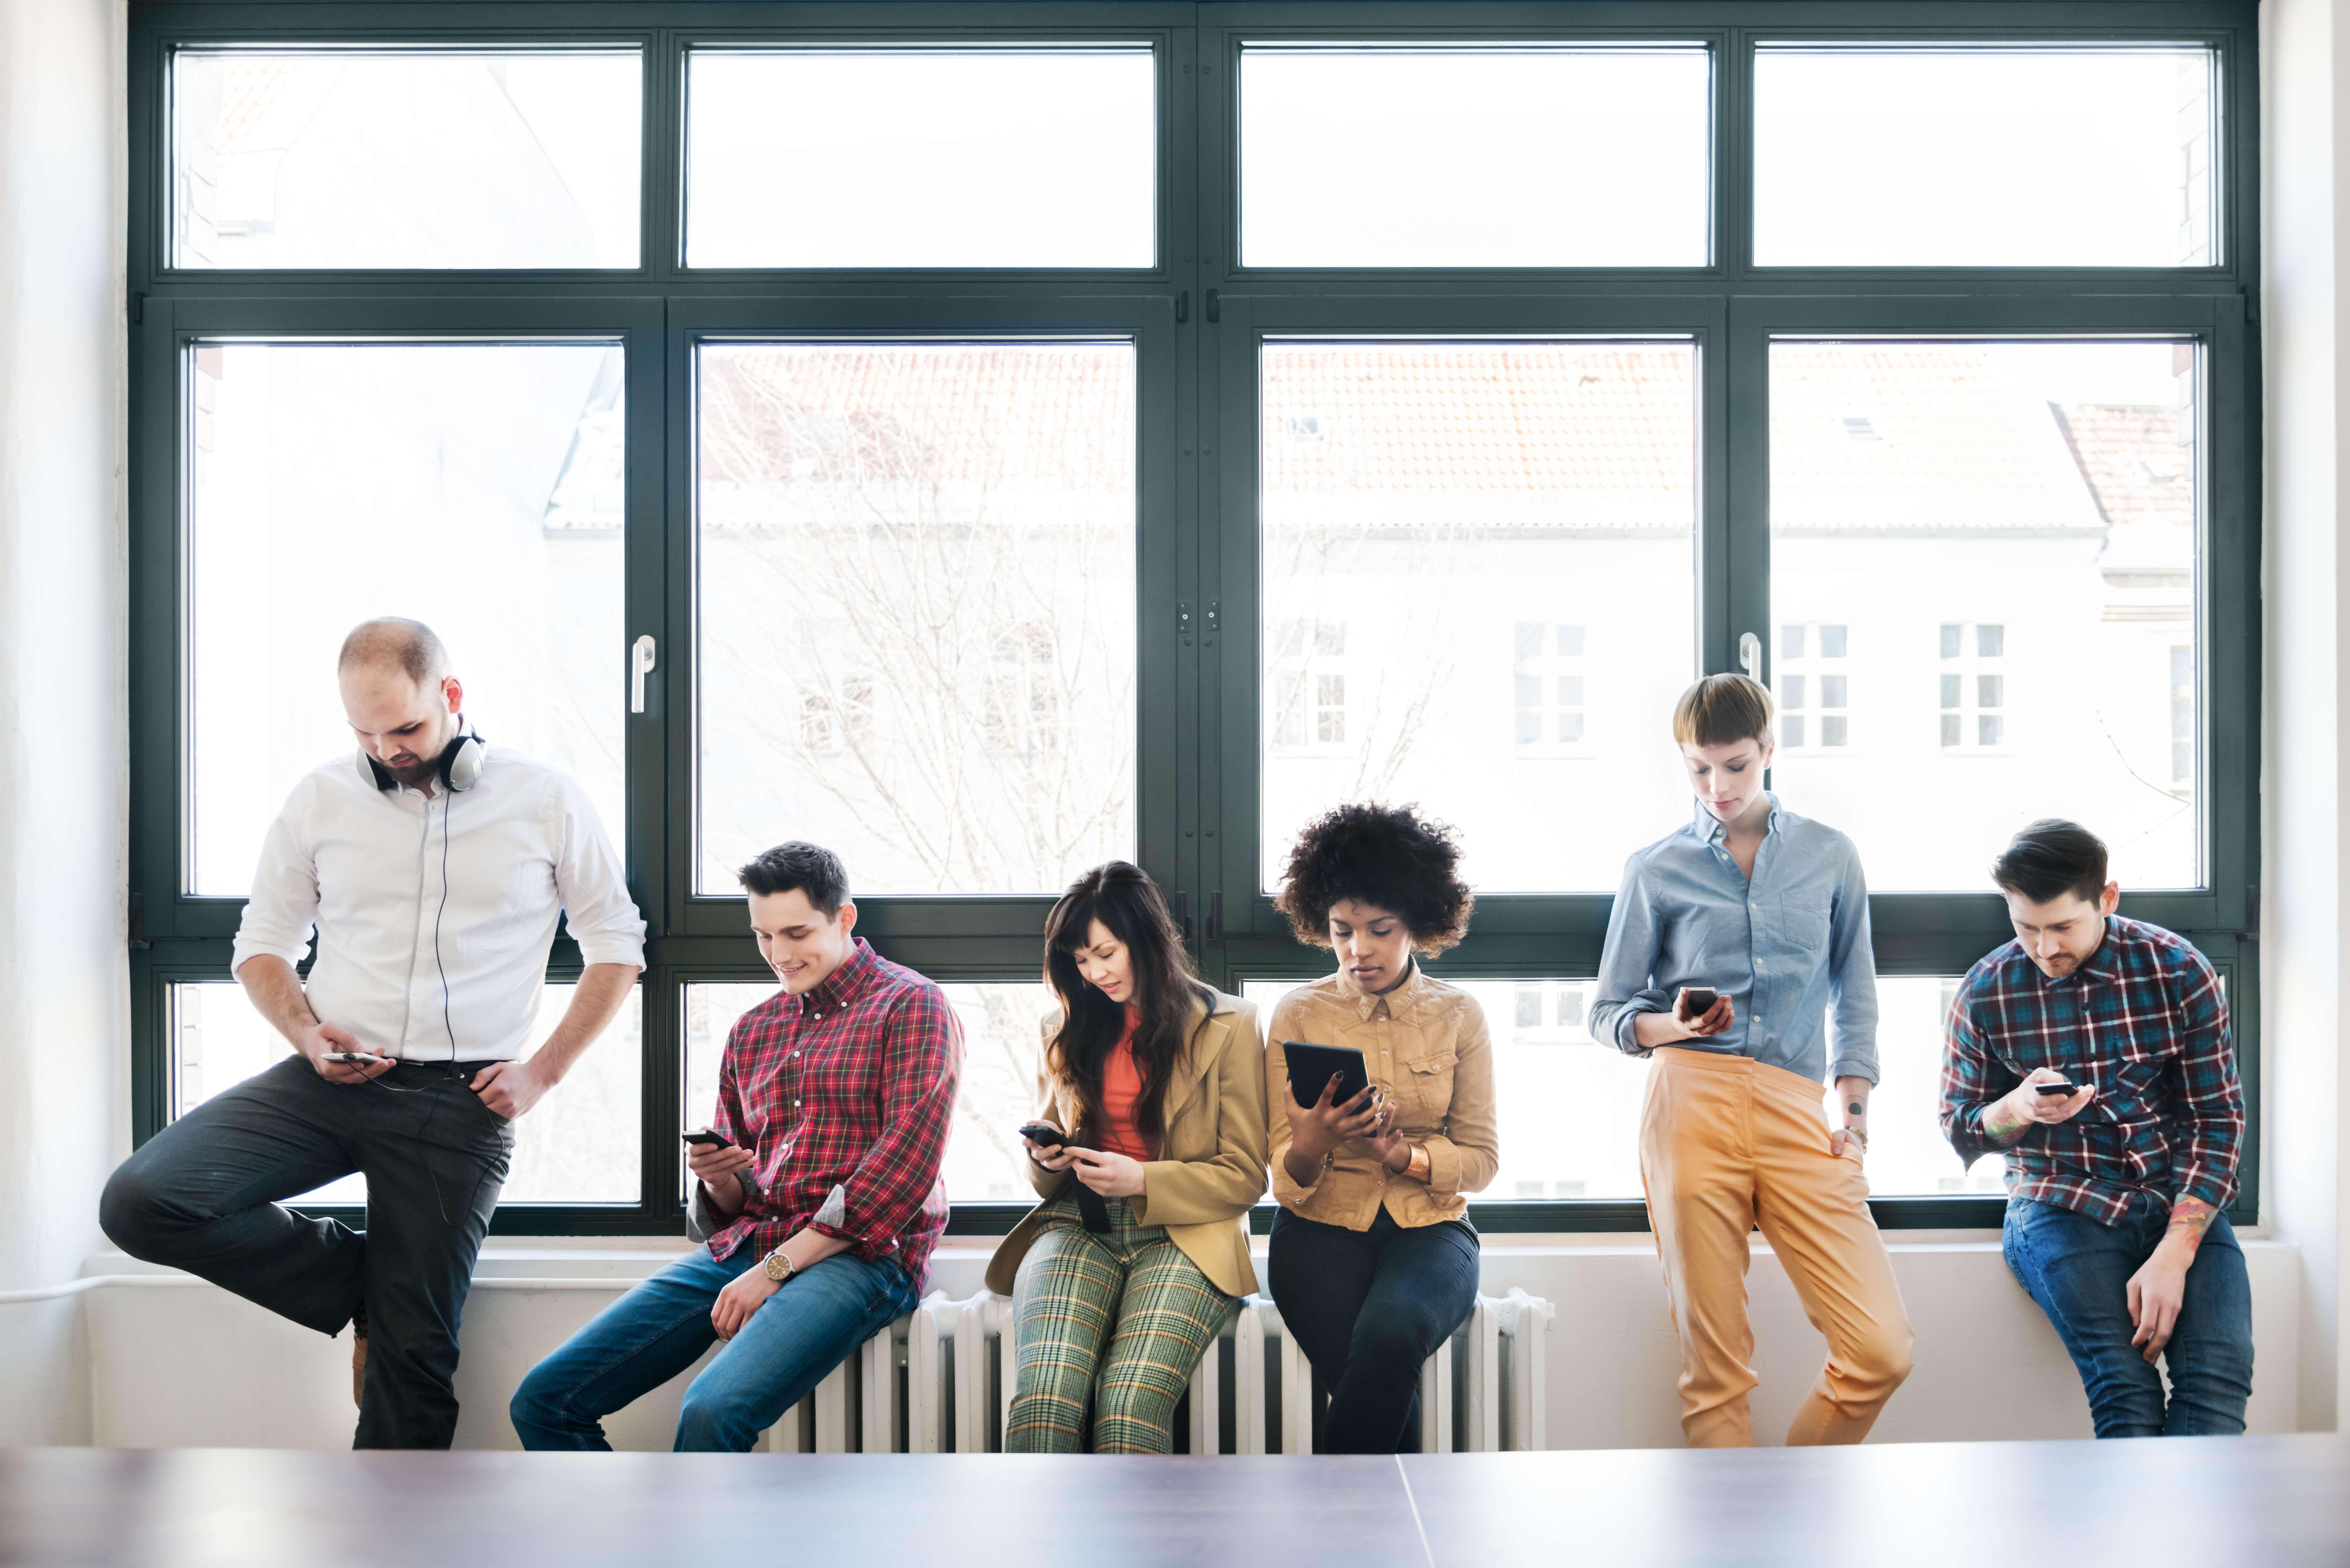 [Na mídia] Celular se consolida como importante ferramenta de aprendizagem